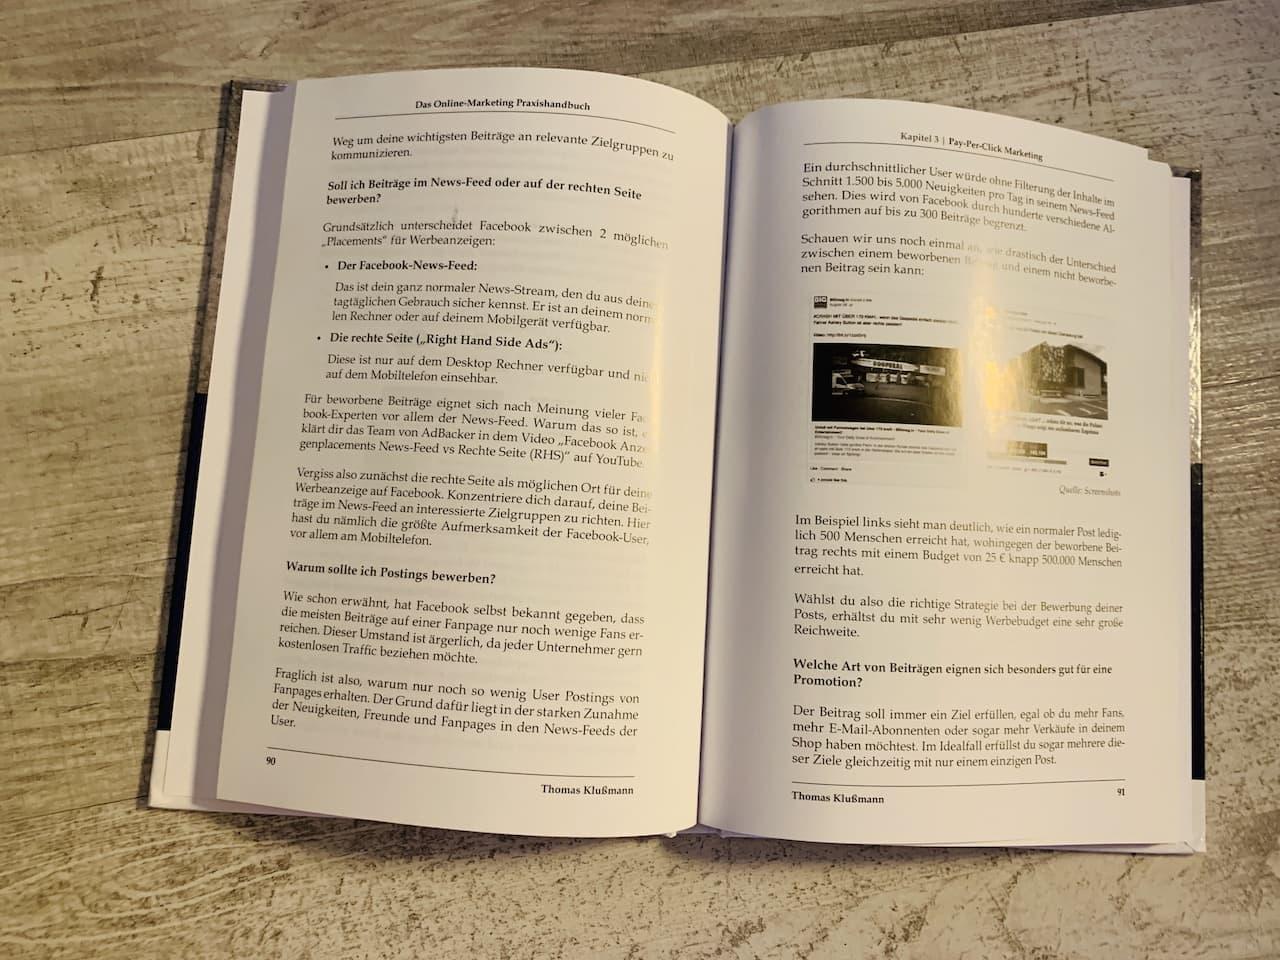 Das Online Marketing Praxishandbuch Cover Seite 90 bis 91